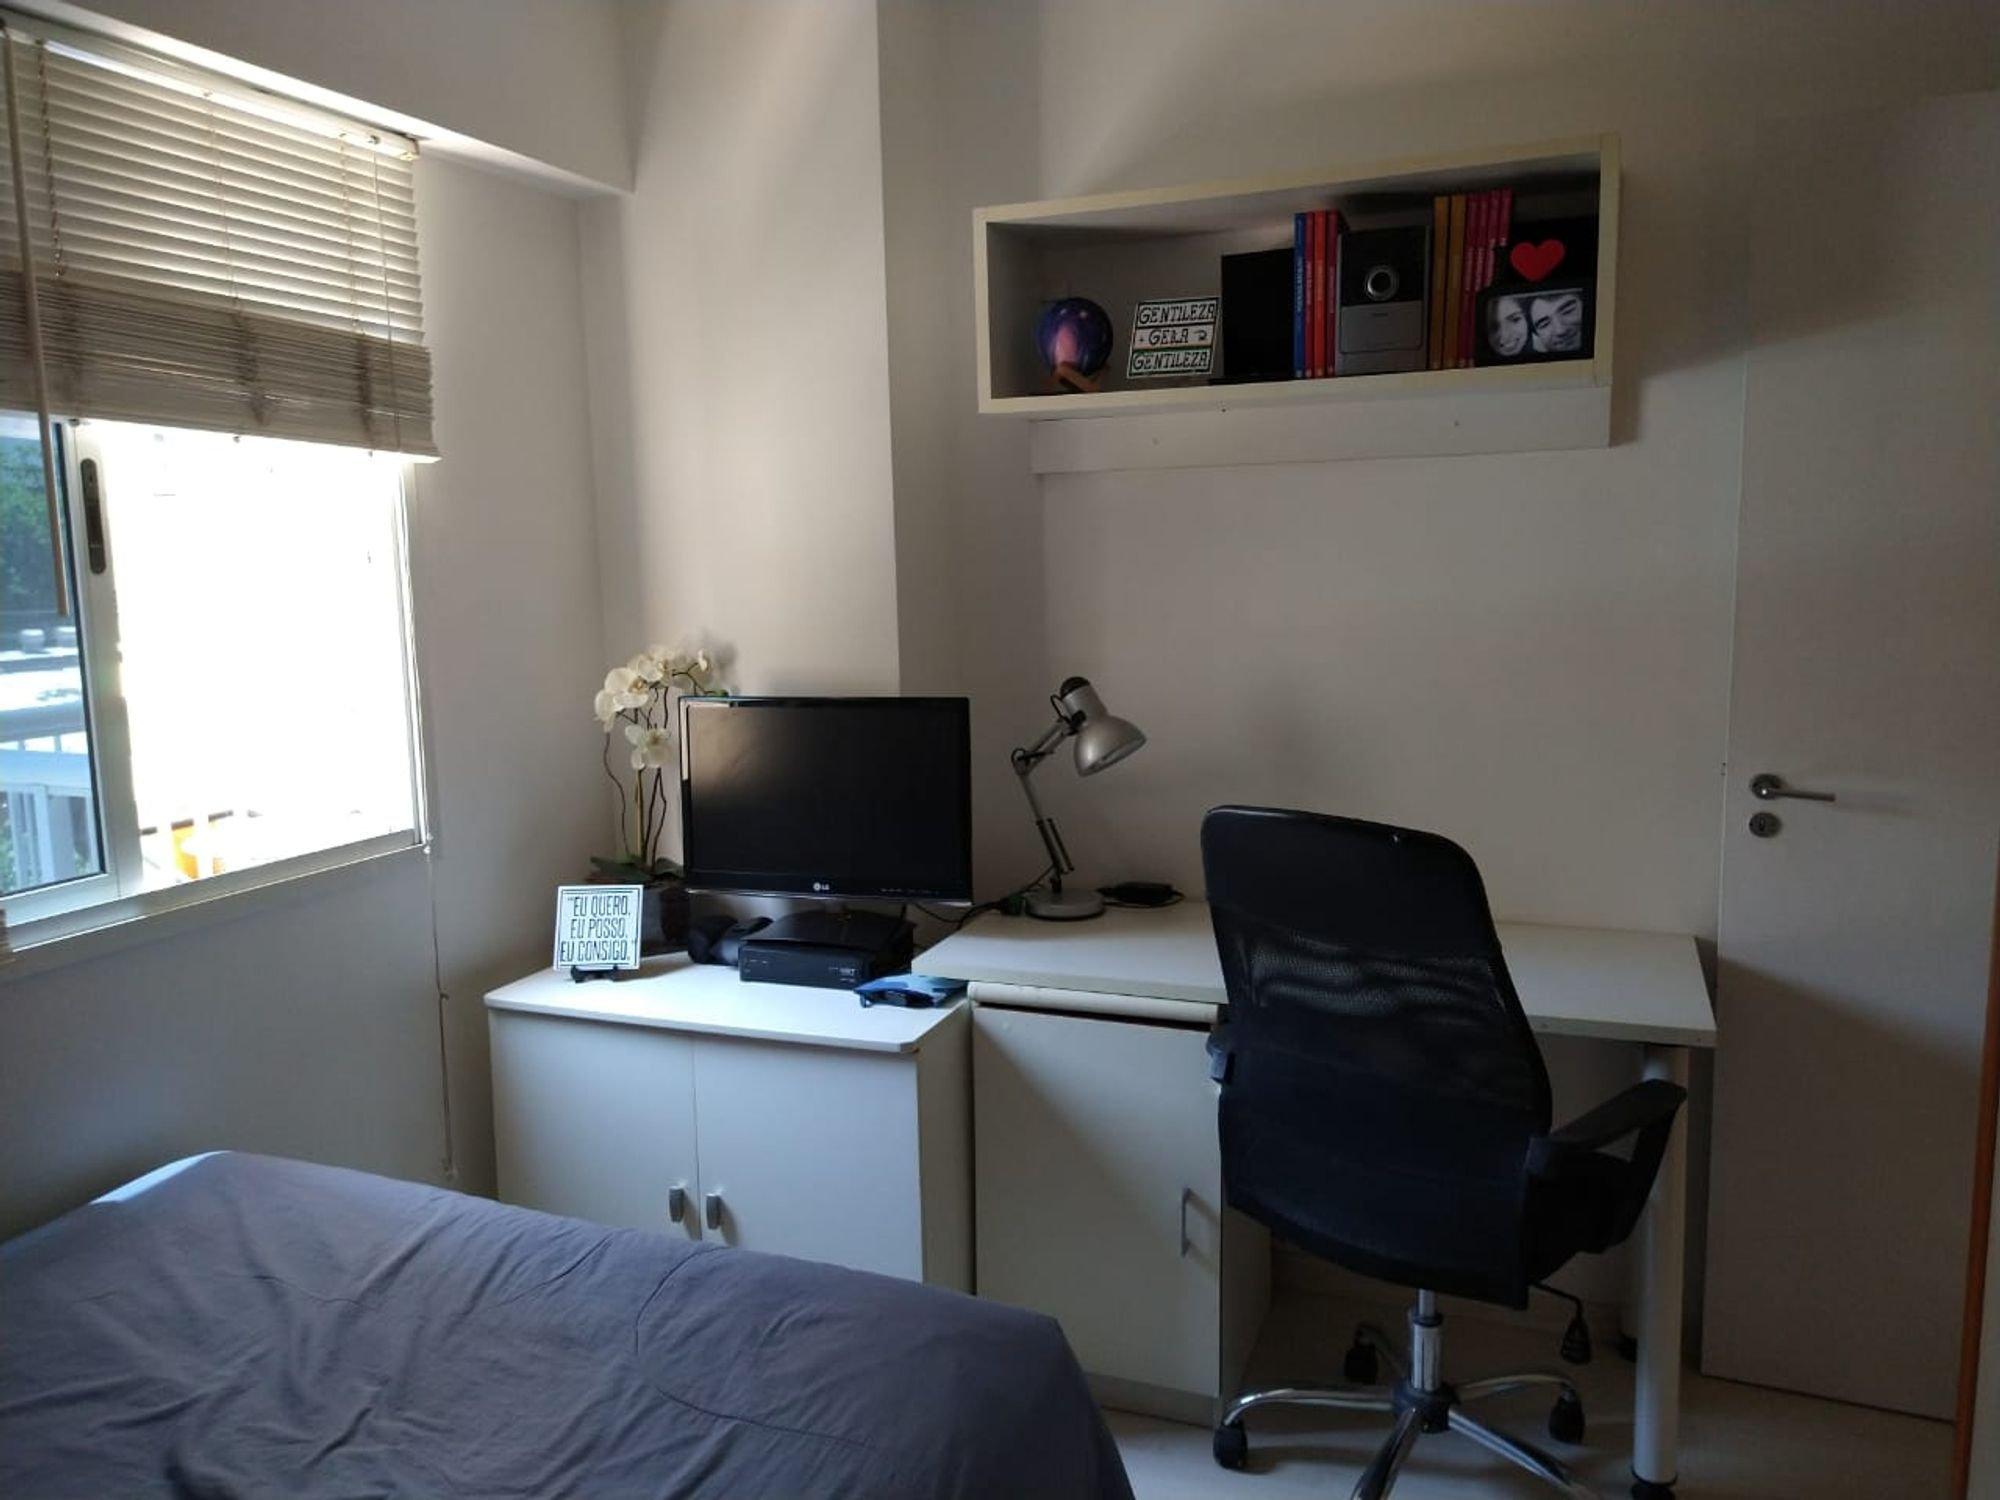 Foto de Sala com cama, mouse, televisão, cadeira